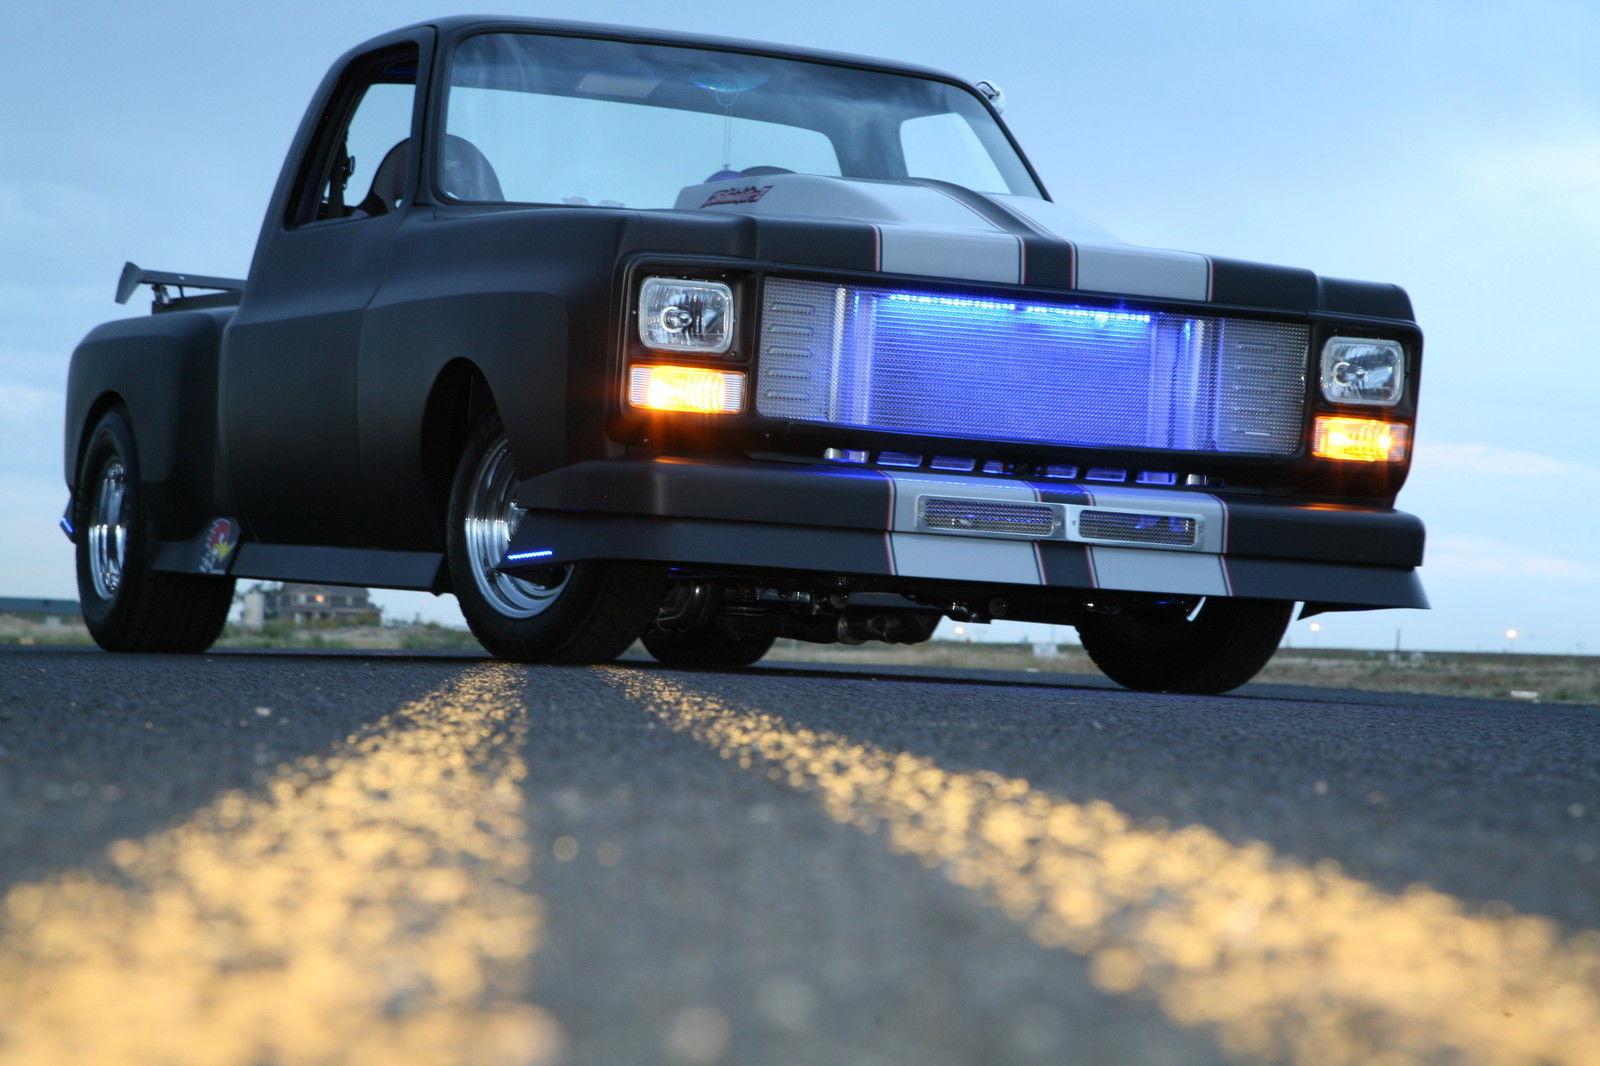 Cars For Sale In Denver >> 1976 C10 Stepside Full Custom HotRod - Classic Chevrolet C-10 1976 for sale